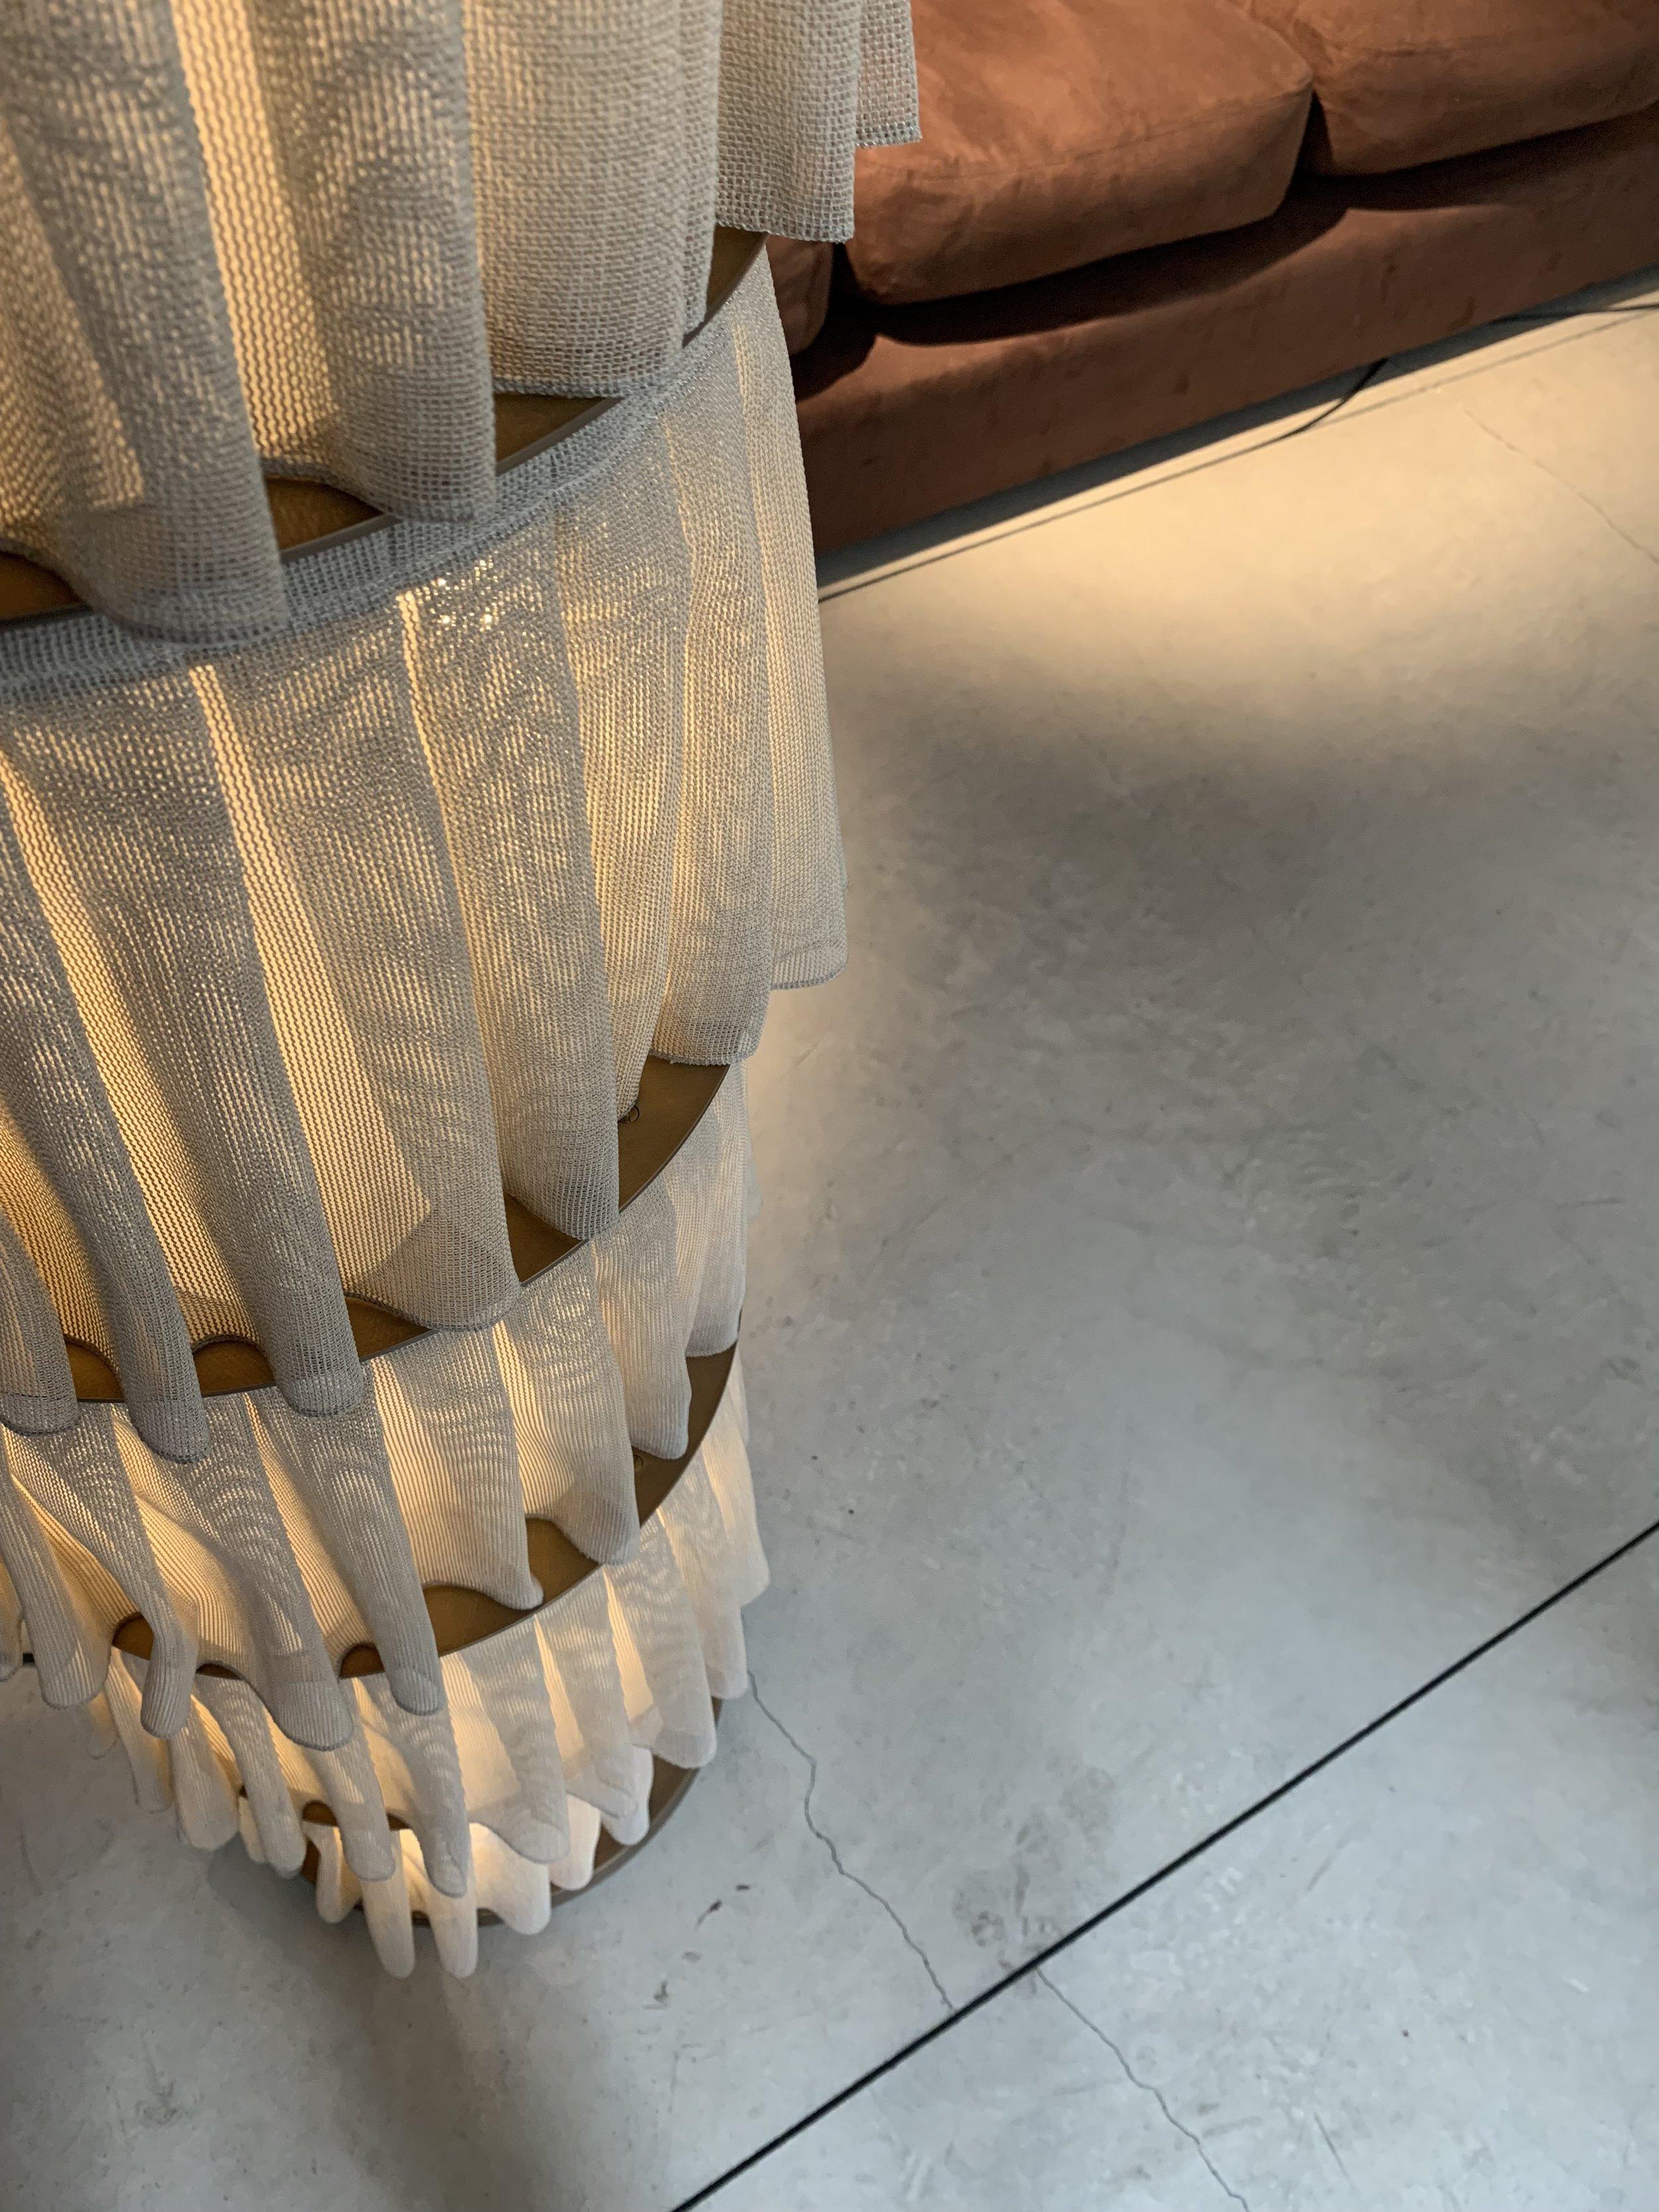 009 Salone del Mobile 2019 Lex de gooijer interiors rotterdam ..JPG